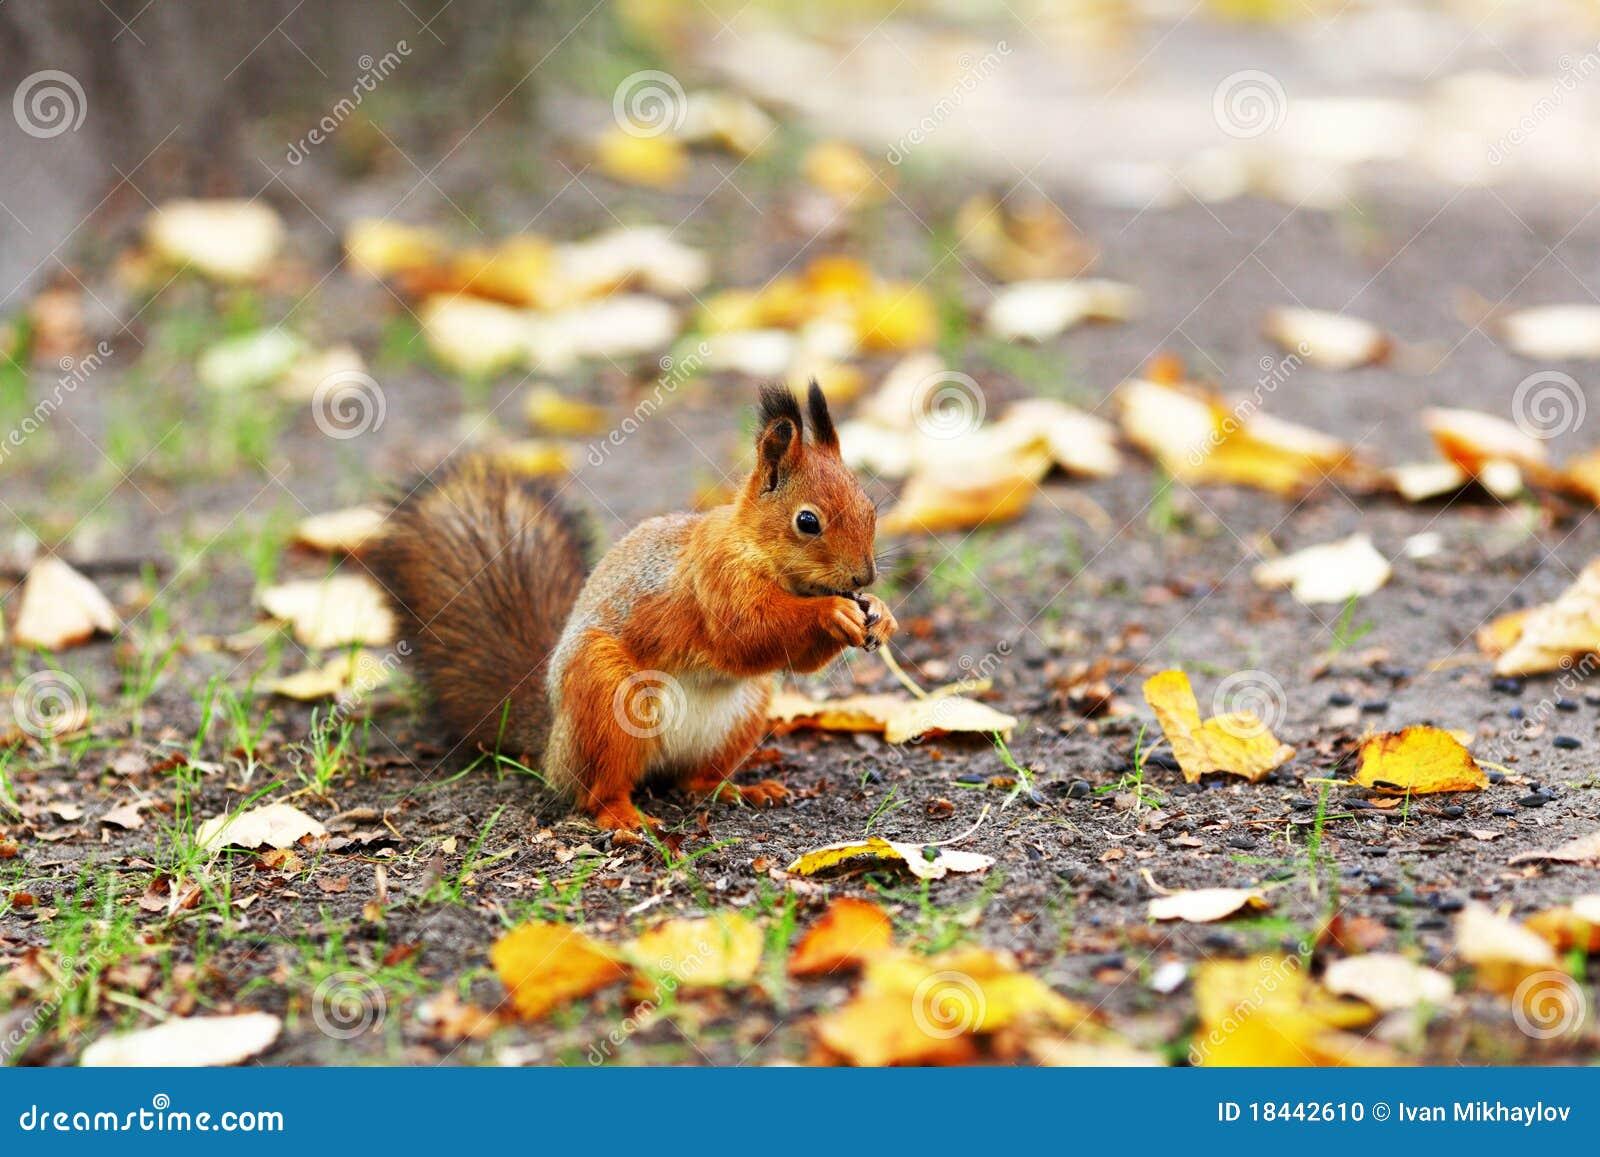 Écureuil Dans La Forêt D'automne Photo stock - Image: 18442610